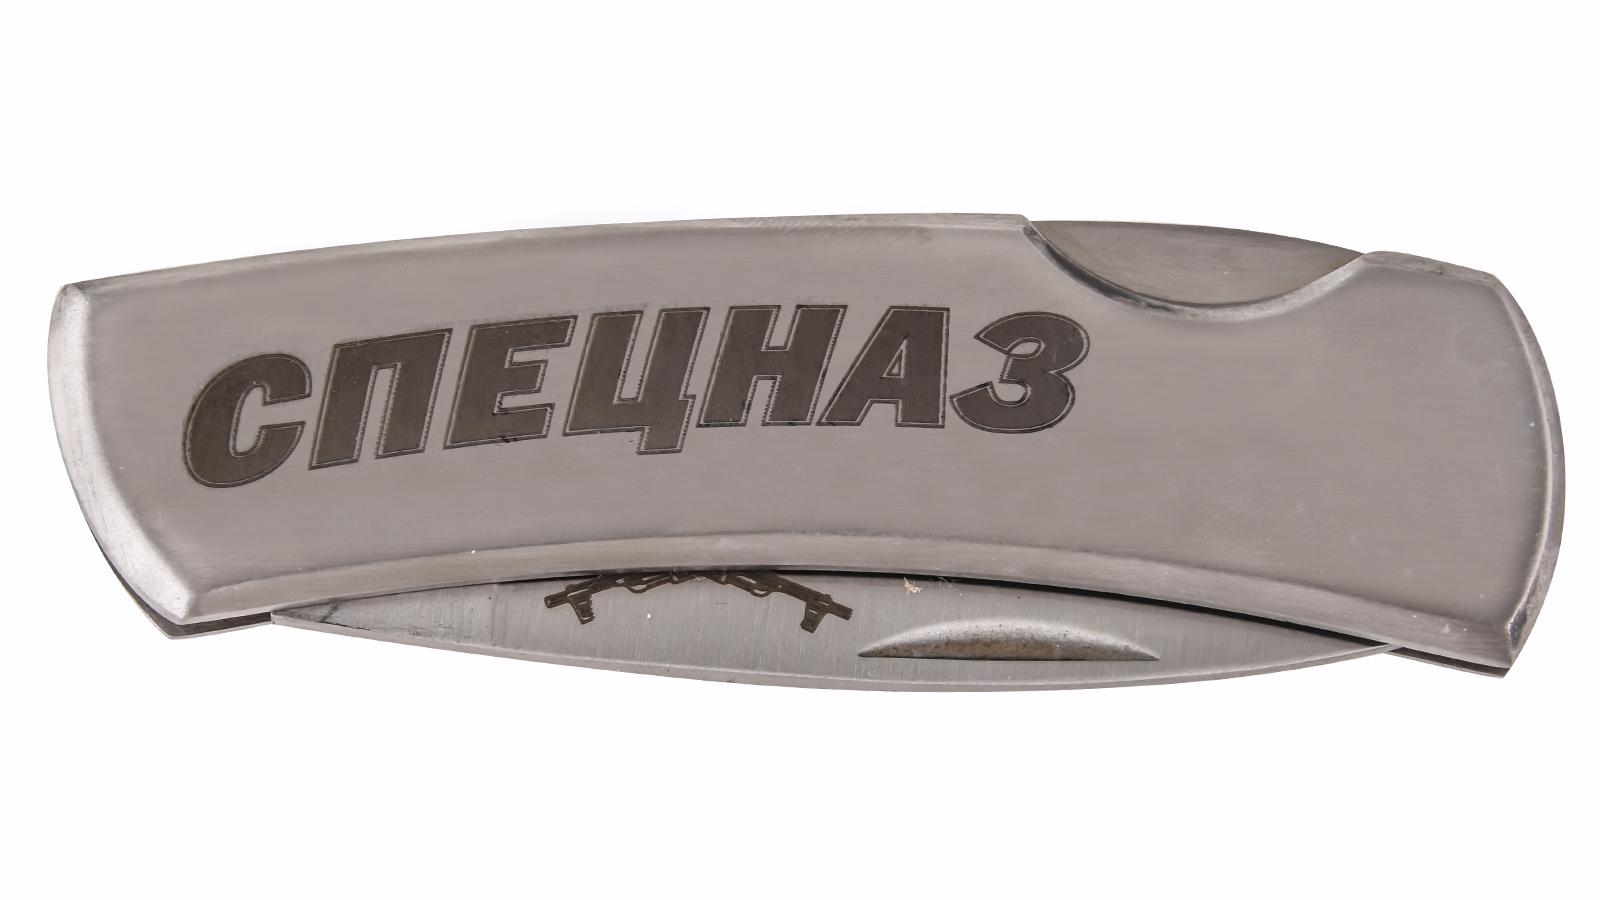 Оригинальный нож с символикой Спецназа с доставкой